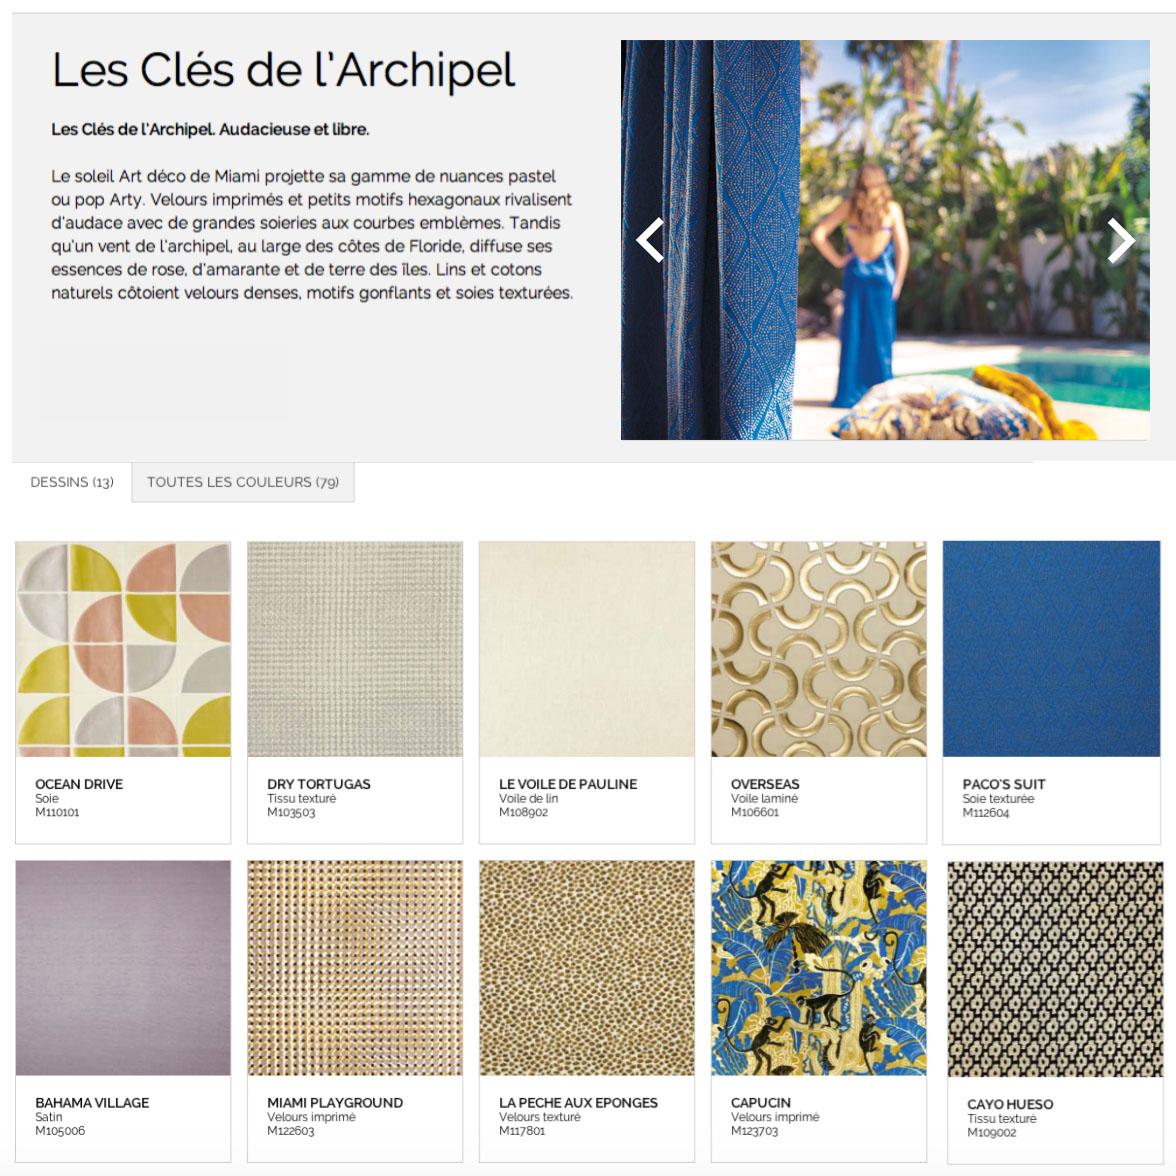 Collections Misia 2015 et noms produits conçus par Raphaëlle Rédactrice, concepteur rédacteur web à Paris